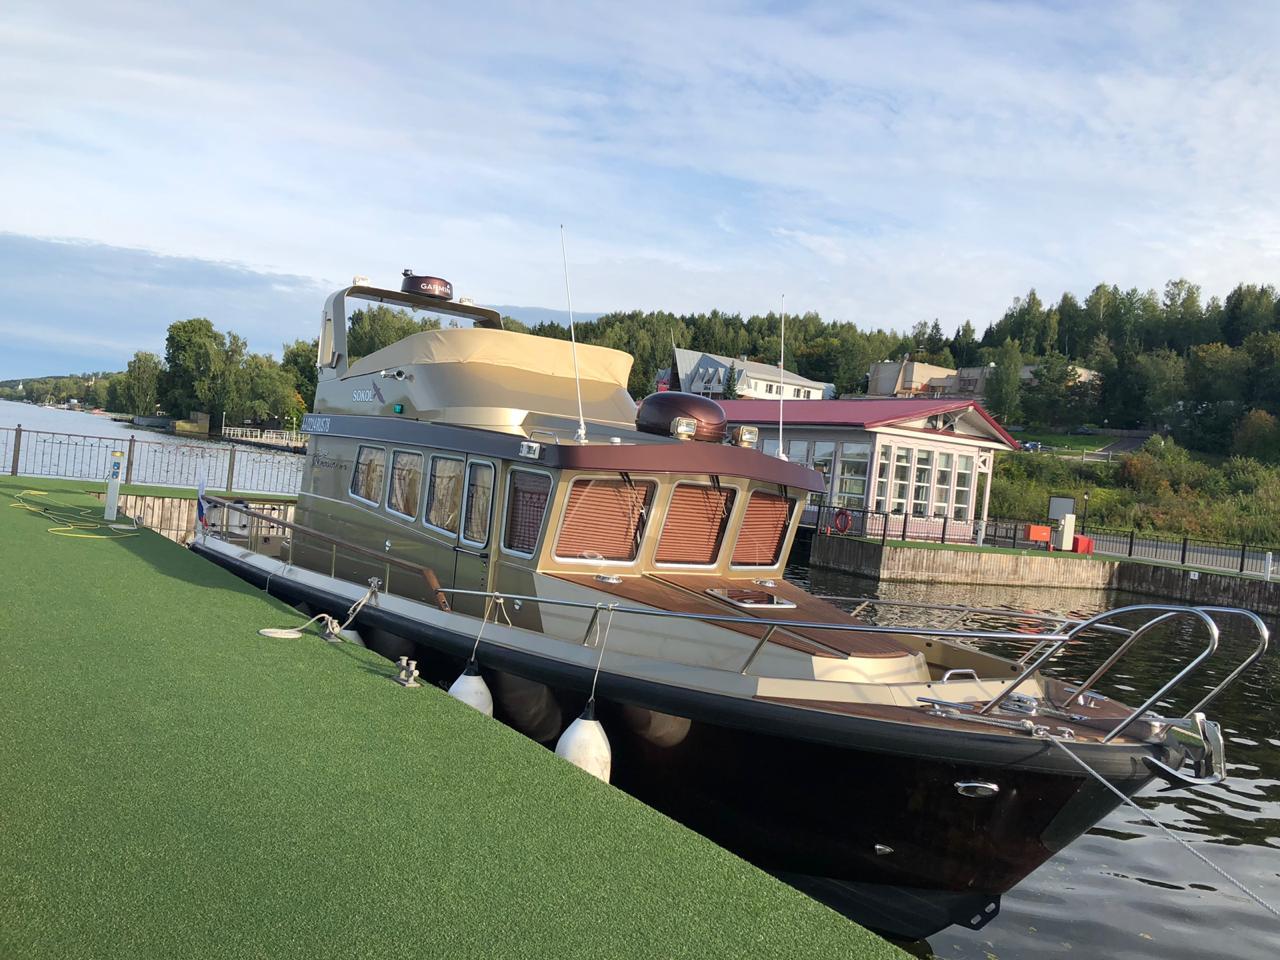 Морской катер NorthSilver 1440